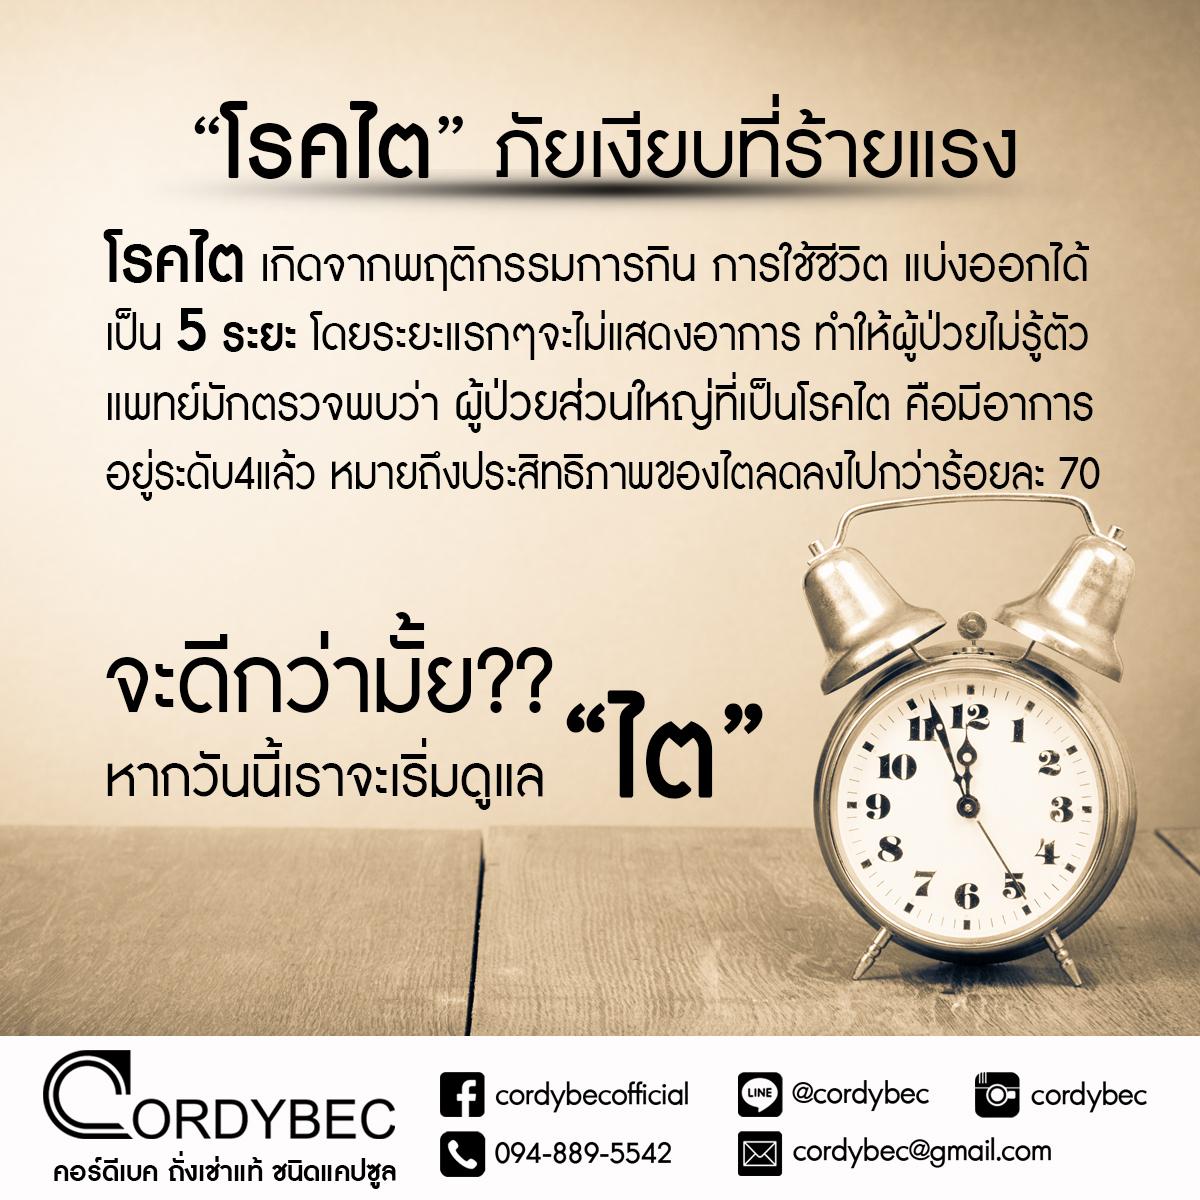 Cordybec kidney 008